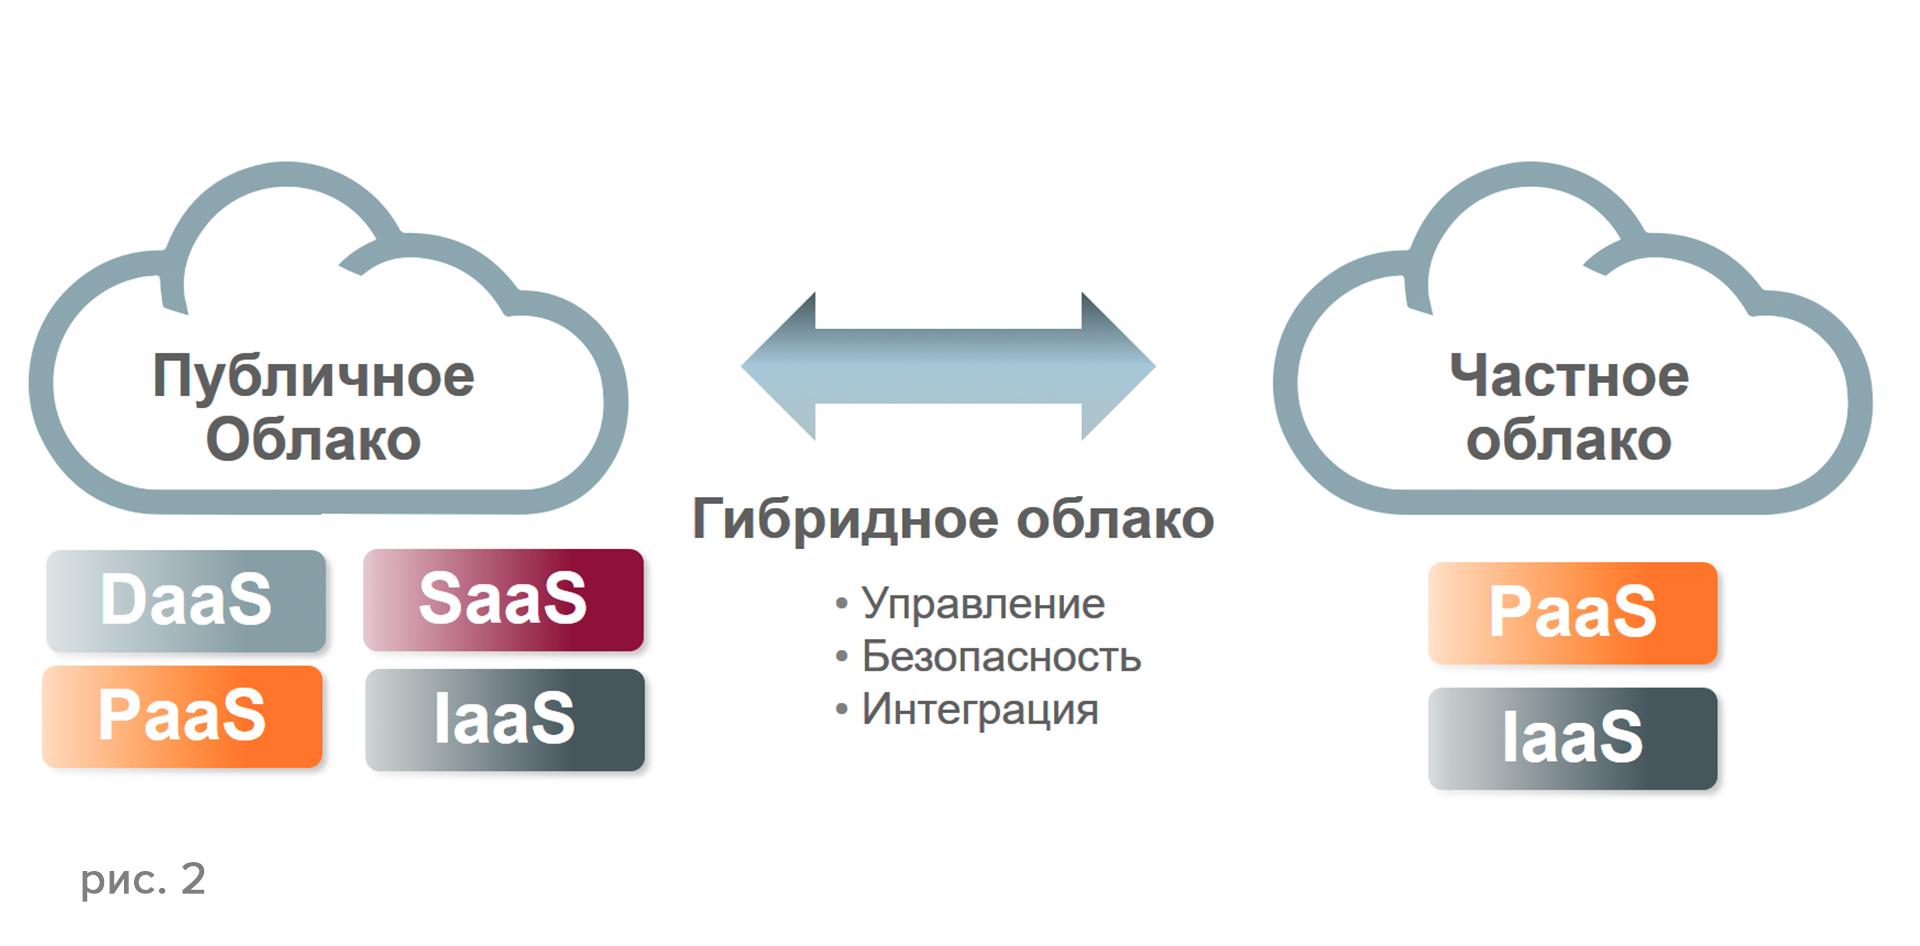 Oracle IaaS и PaaS — все для вас - 2